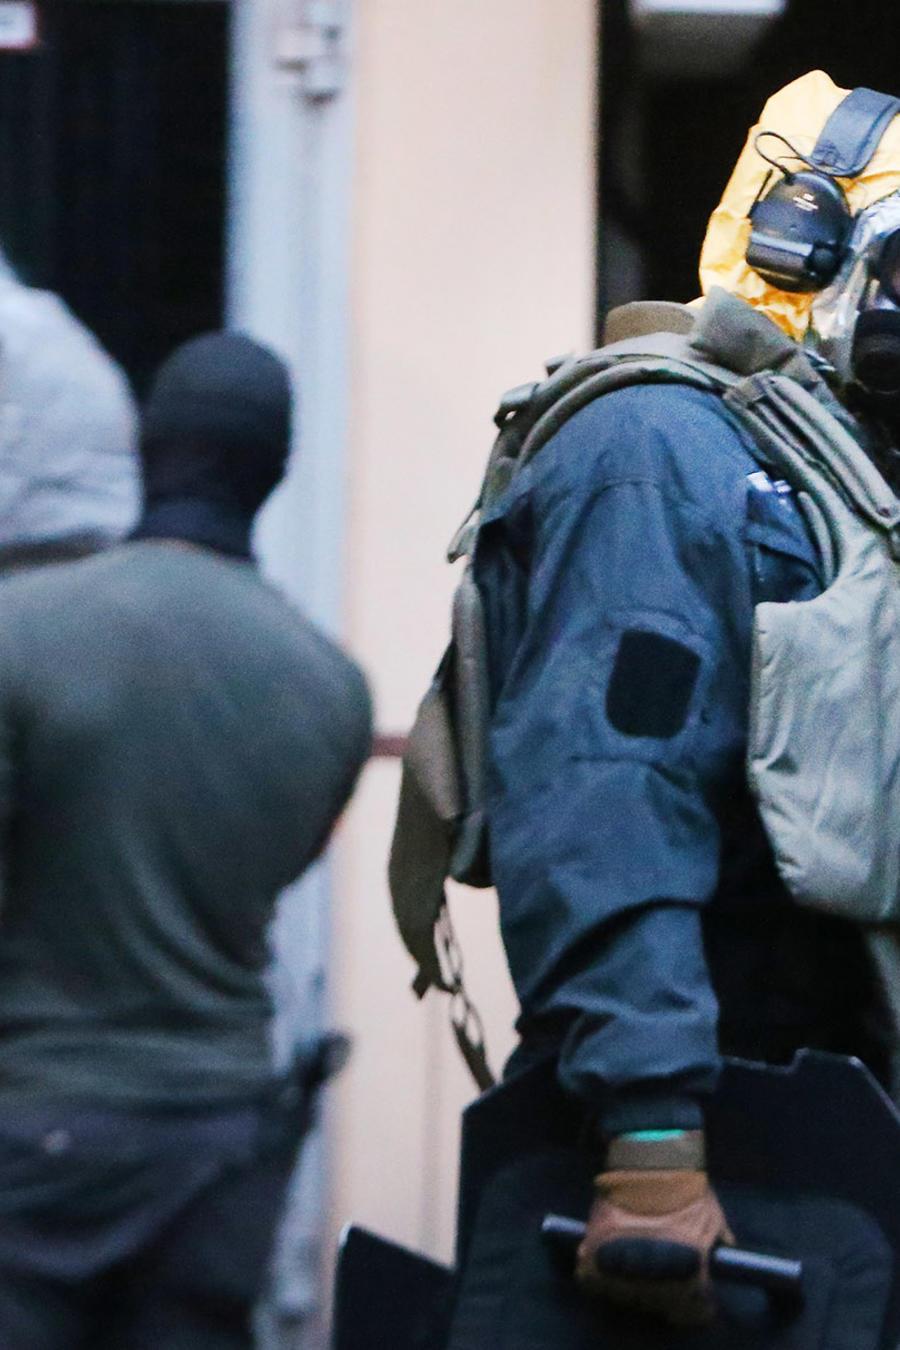 Policías alemanes registran la casa de un tunecino acusado de mantener sustancias tóxicas